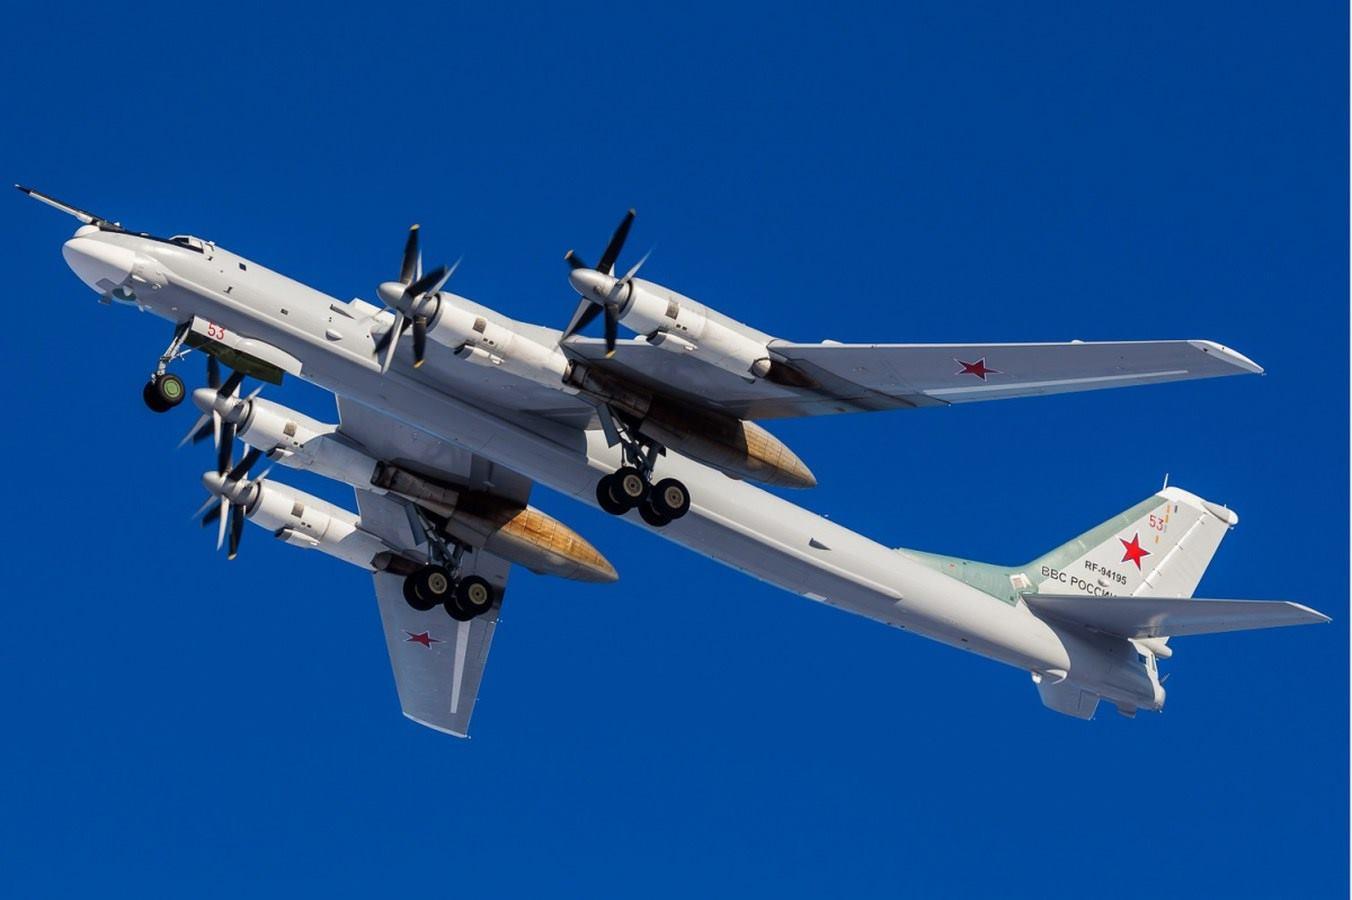 Hé lộ lần Liên Xô ném quả bom nhiệt hạch lớn nhất lịch sử - 3